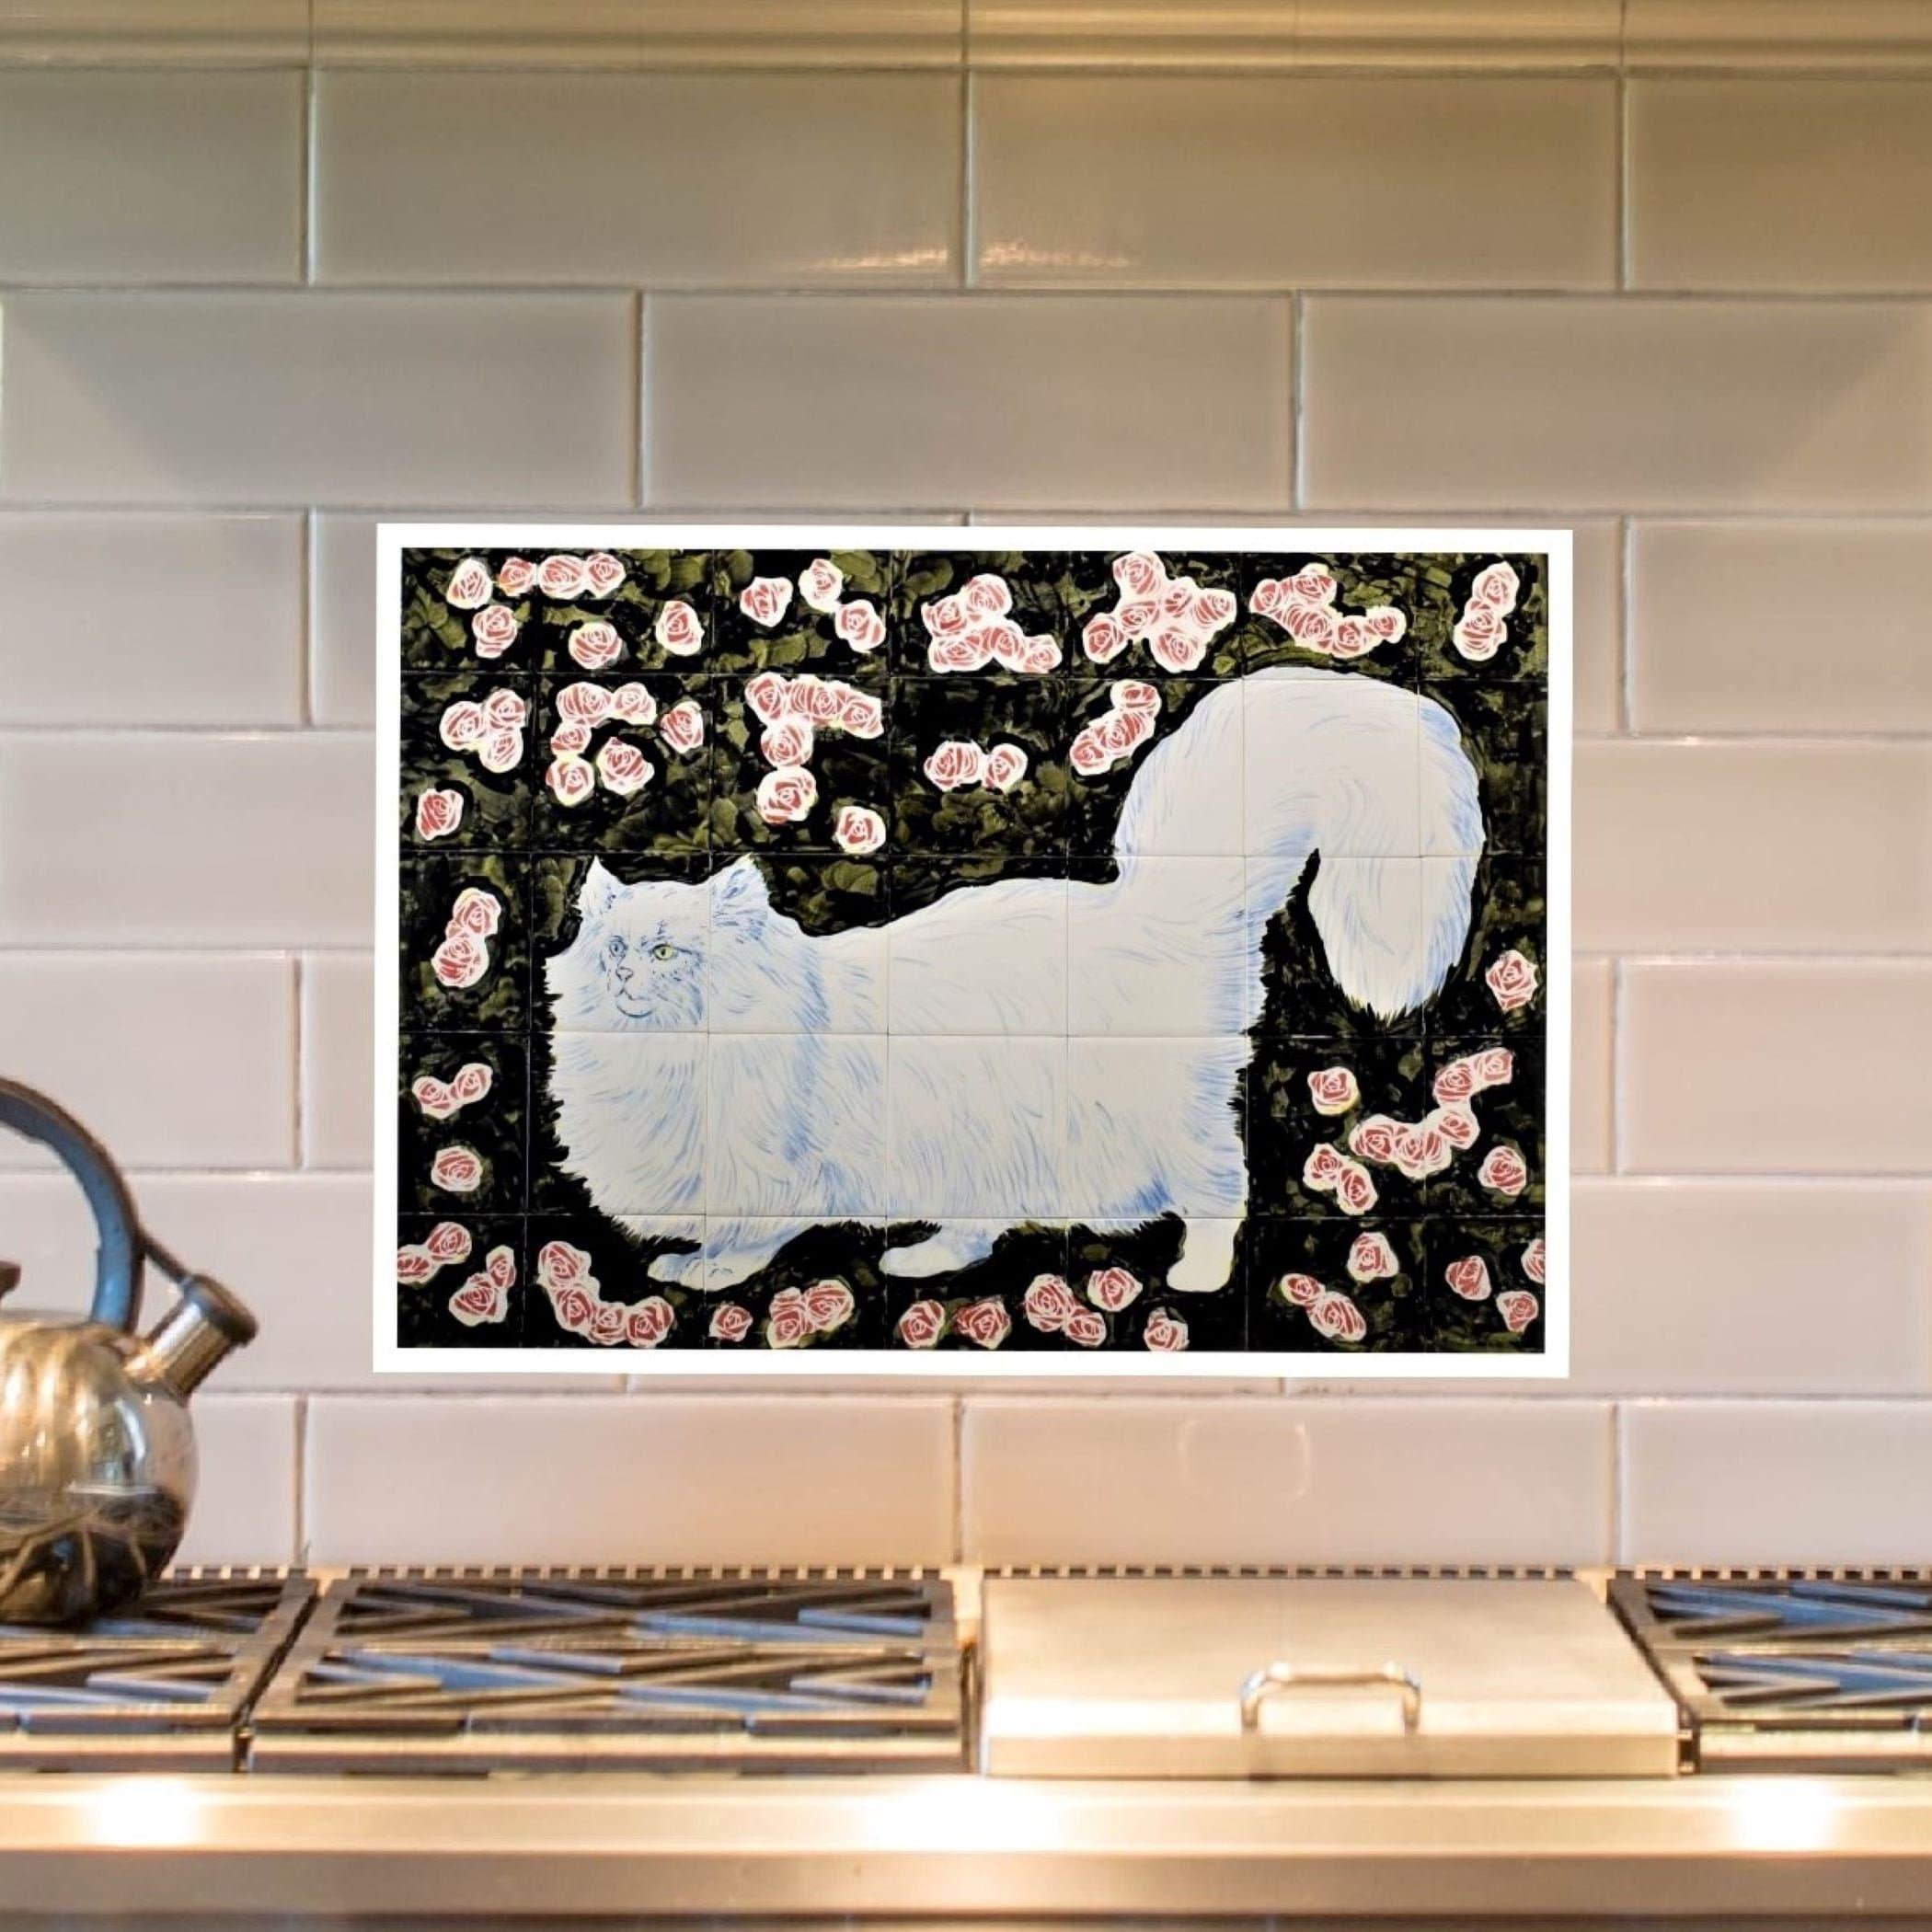 Kitchen Backsplash Tile Mural Tile Art Cat Roses Wall Decor Custom Sizes Available 28in X 20in